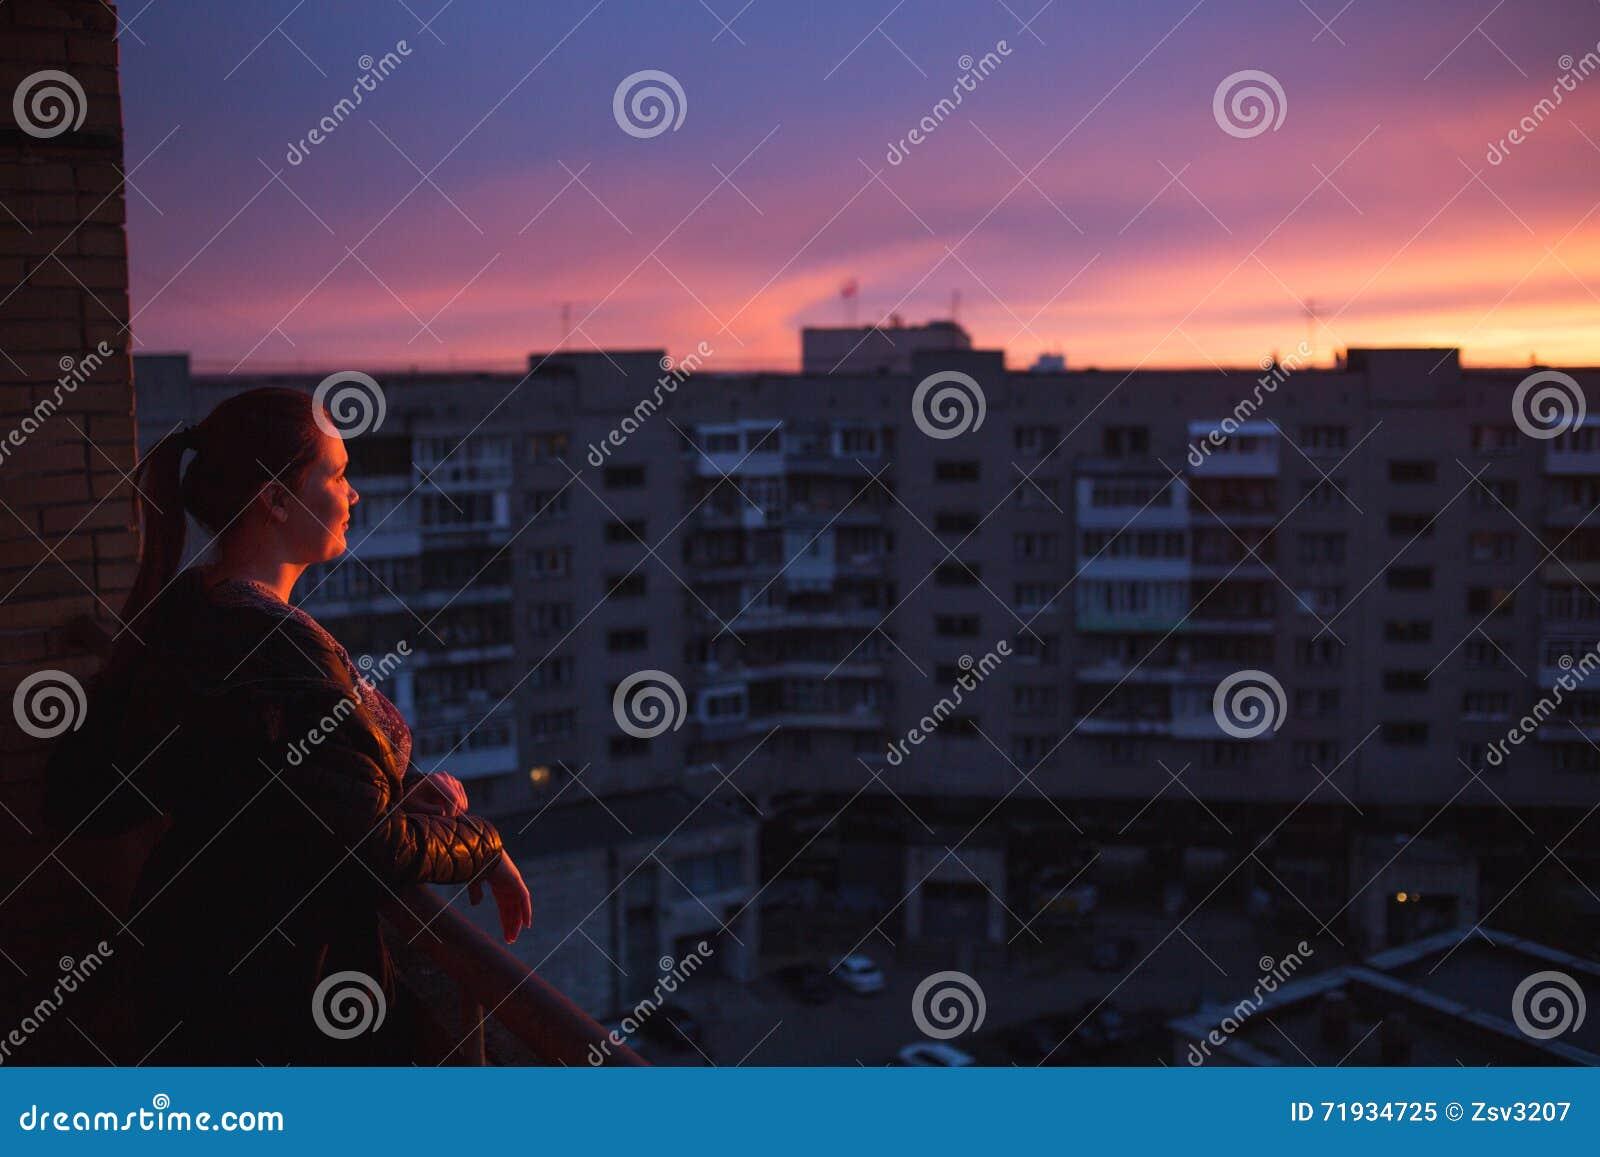 Силуэт женщины наслаждаясь видом на город на заходе солнца Концепция одиночества, вечности, выбора